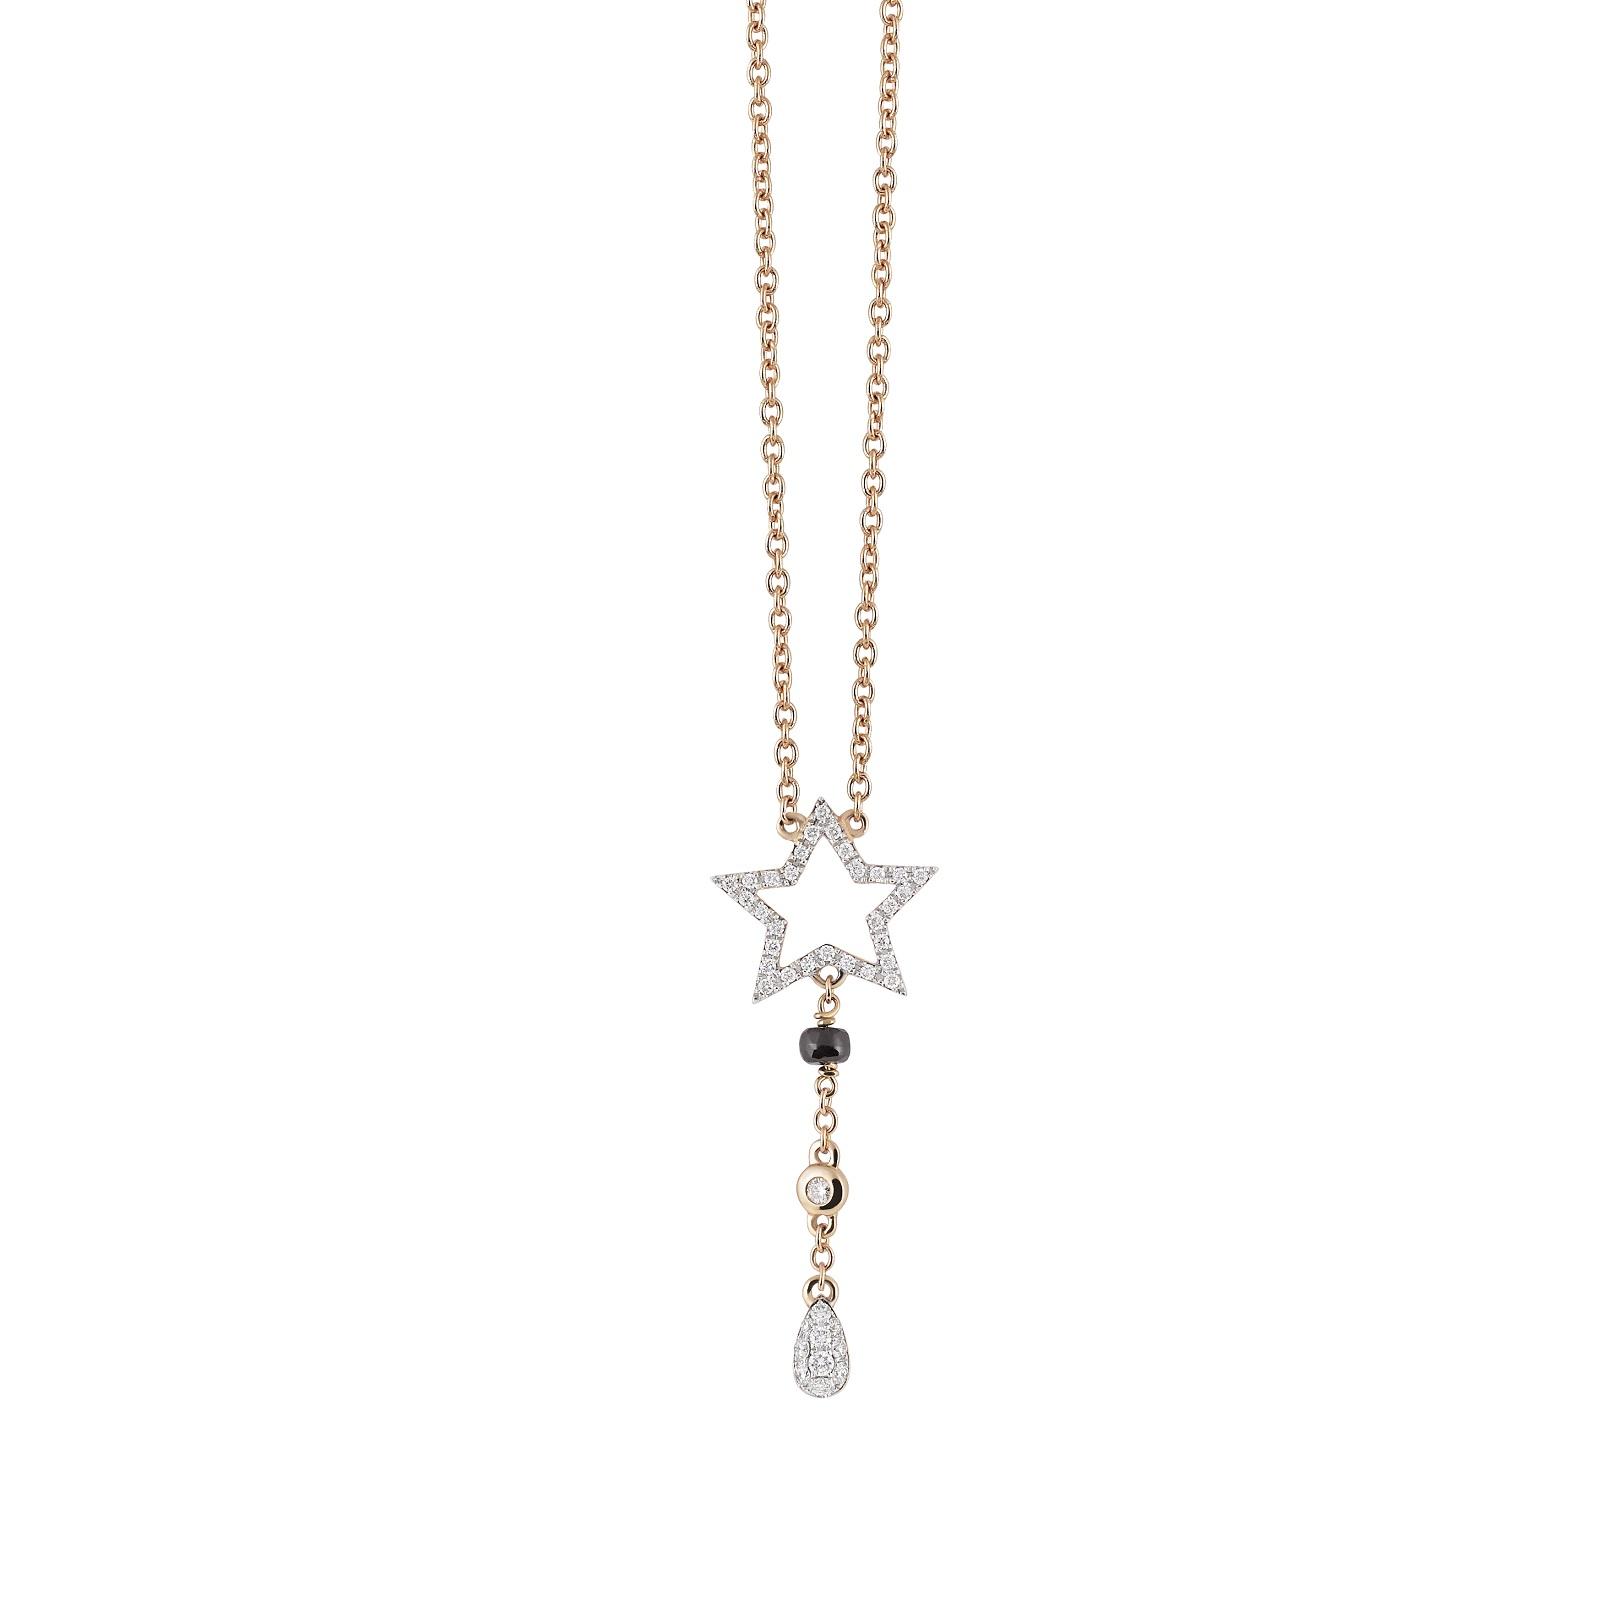 Collier Goccia aus Roségold mit Diamanten und Saphir